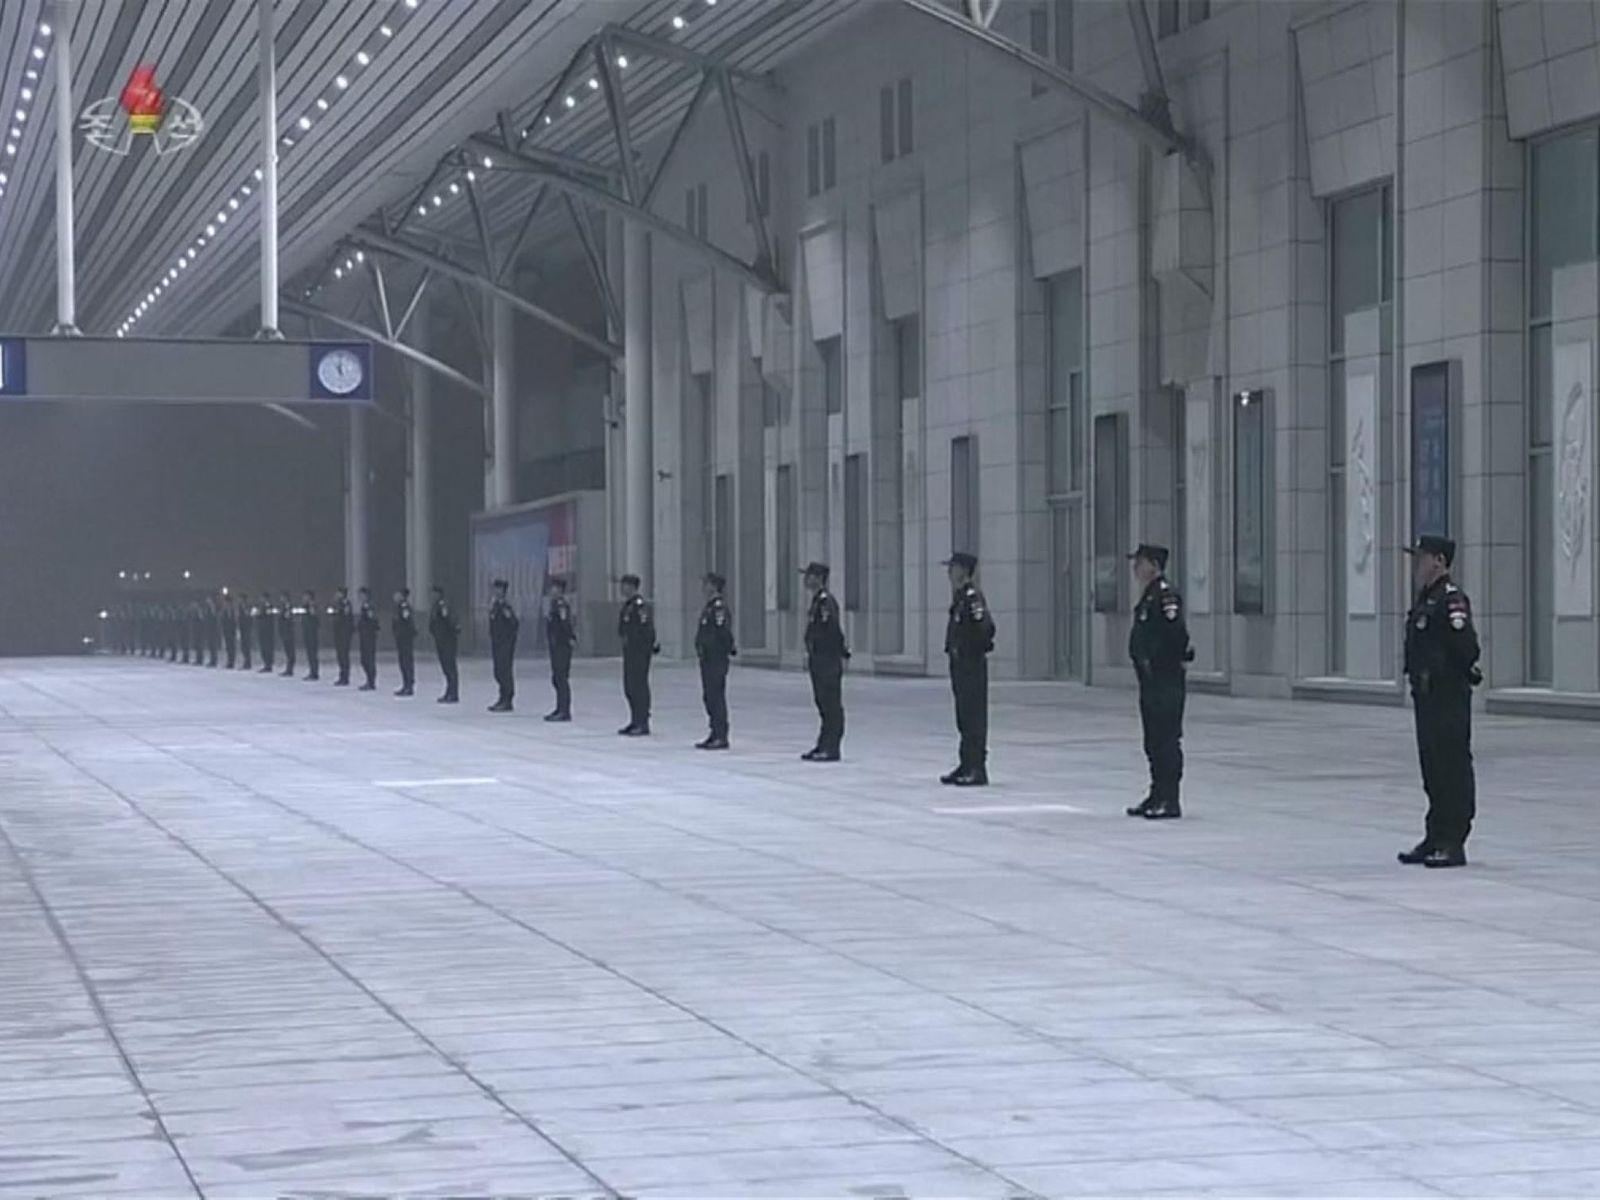 Grăsanul și misteriosul tren au revenit la Beijing